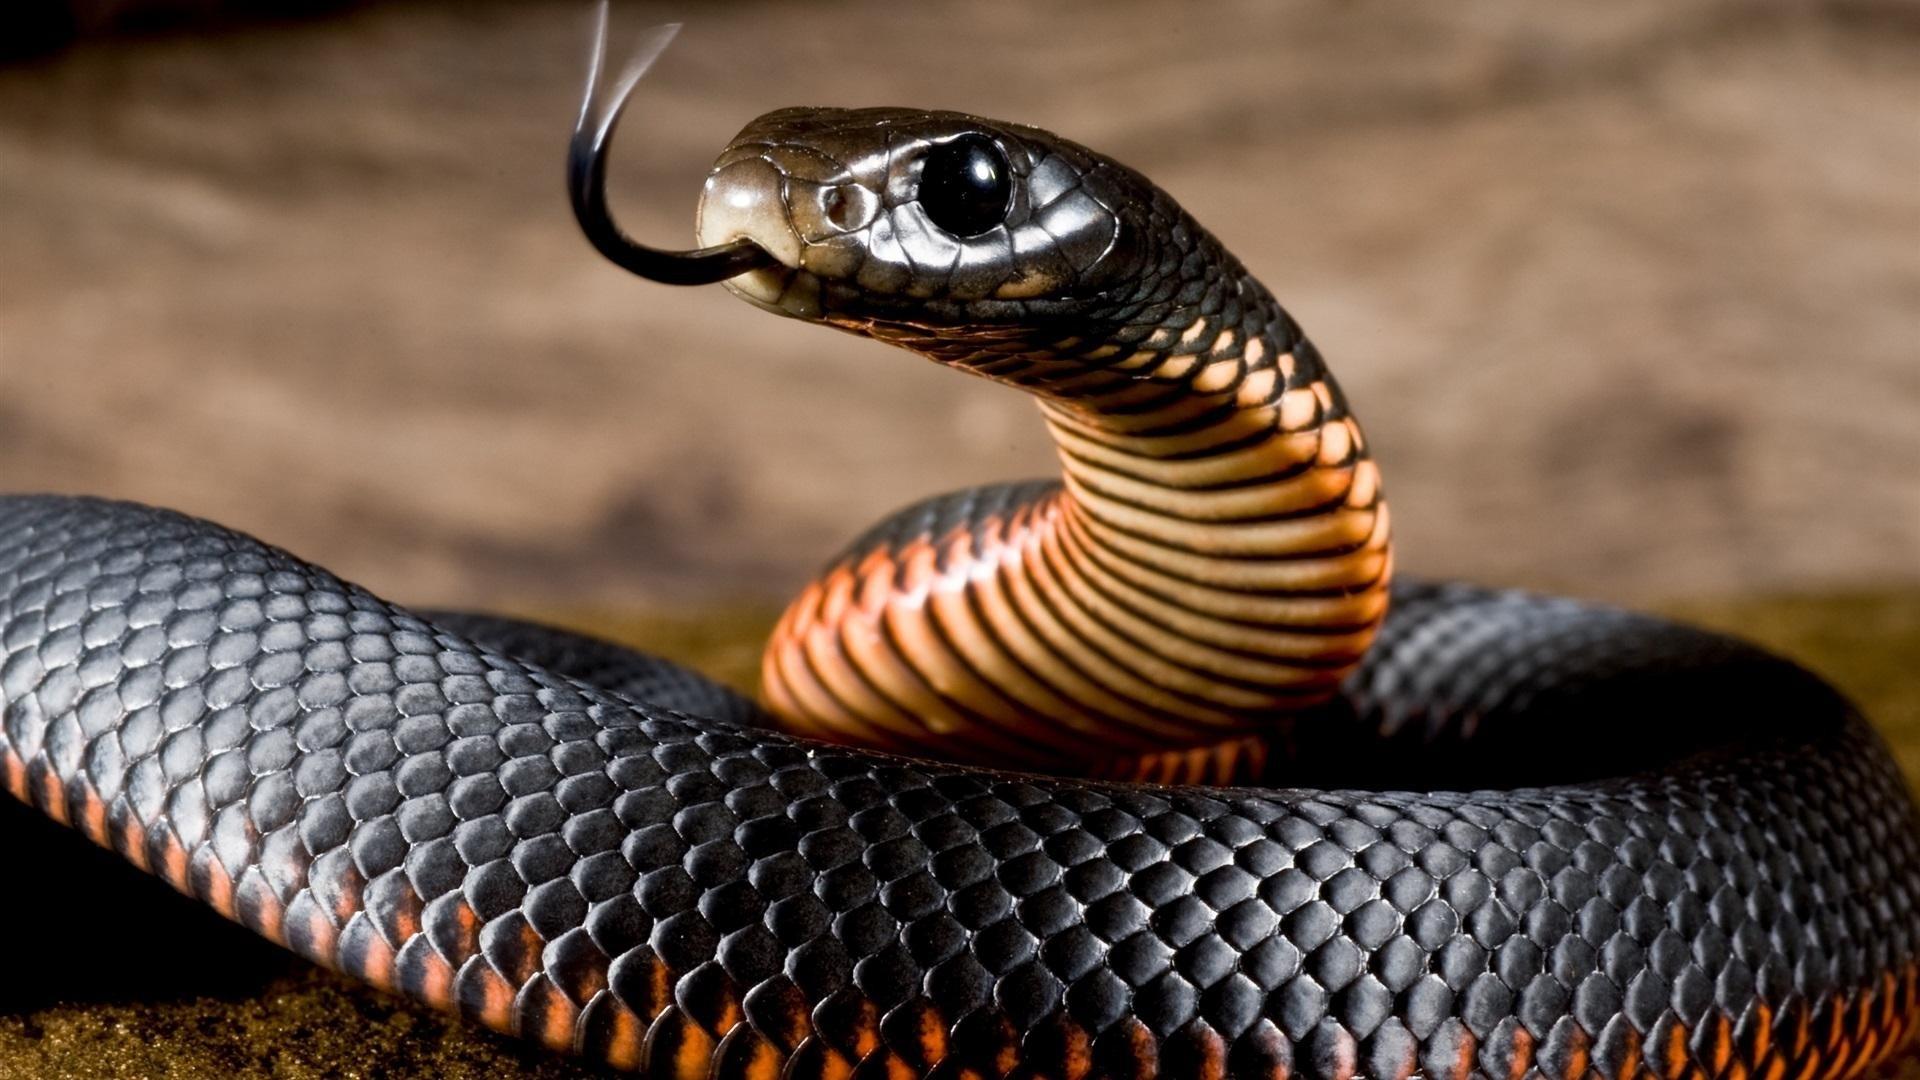 Snake Background Wallpaper